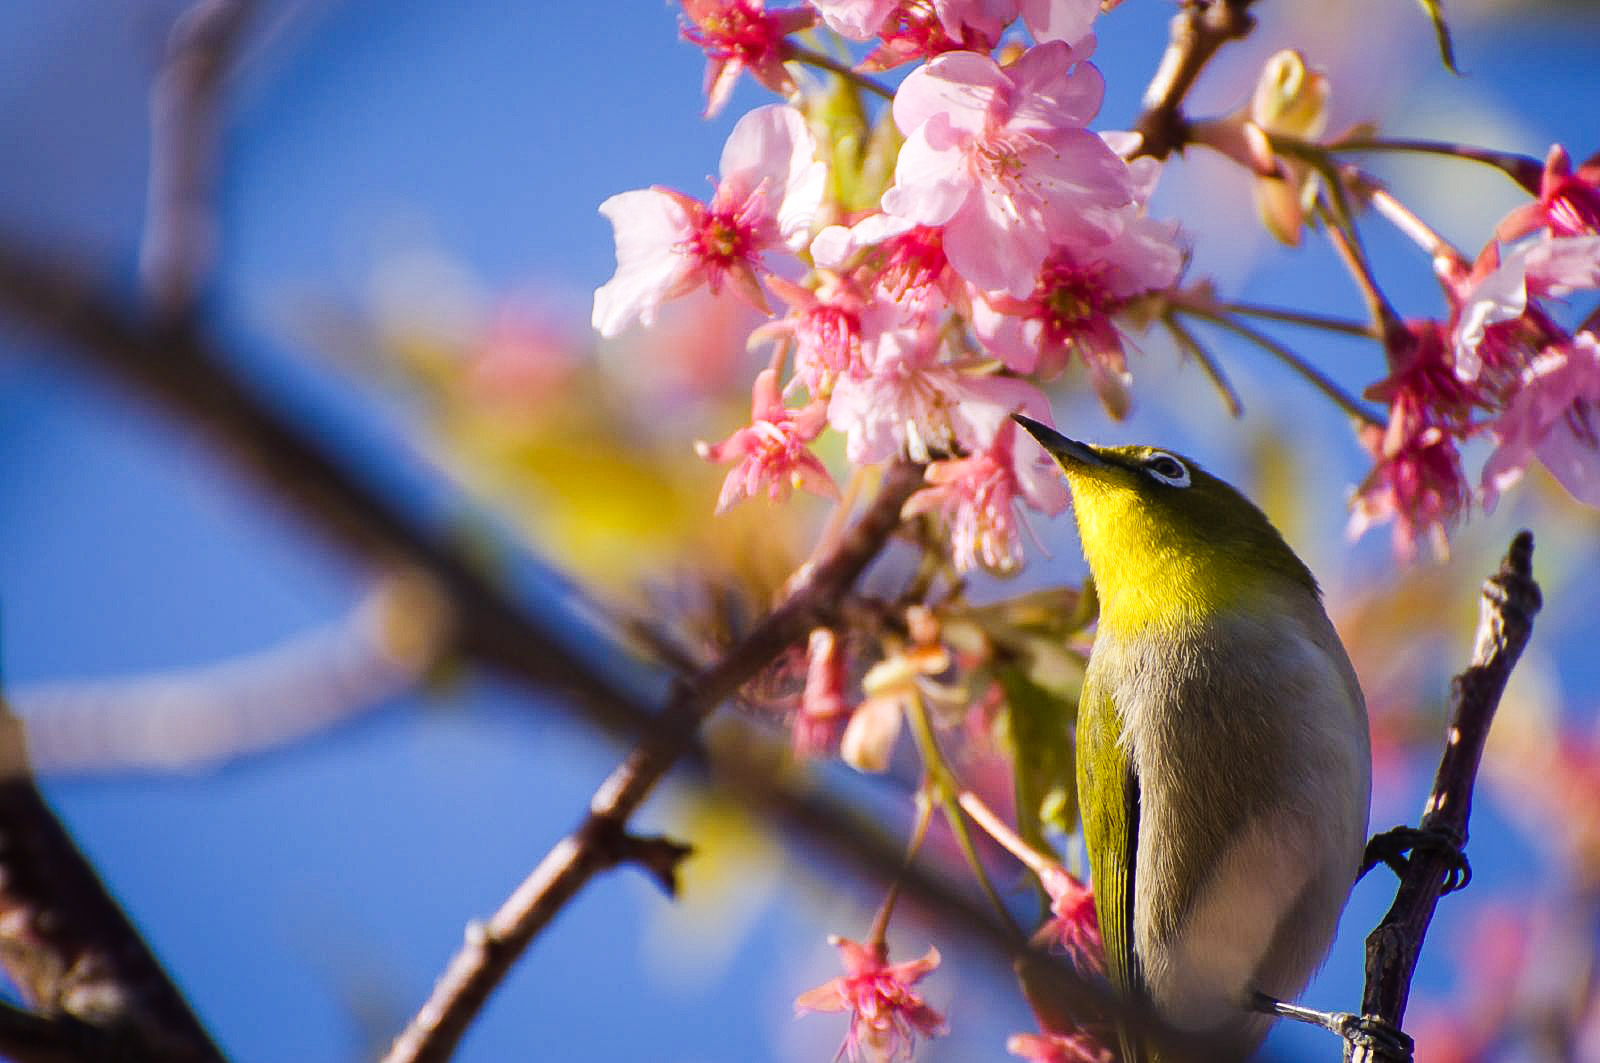 Ein Japanbrillenvogel zwischen Kirschblüten. (Foto: hoge asdf auf flickr https://flic.kr/p/62jGXv CC BY 2.0)